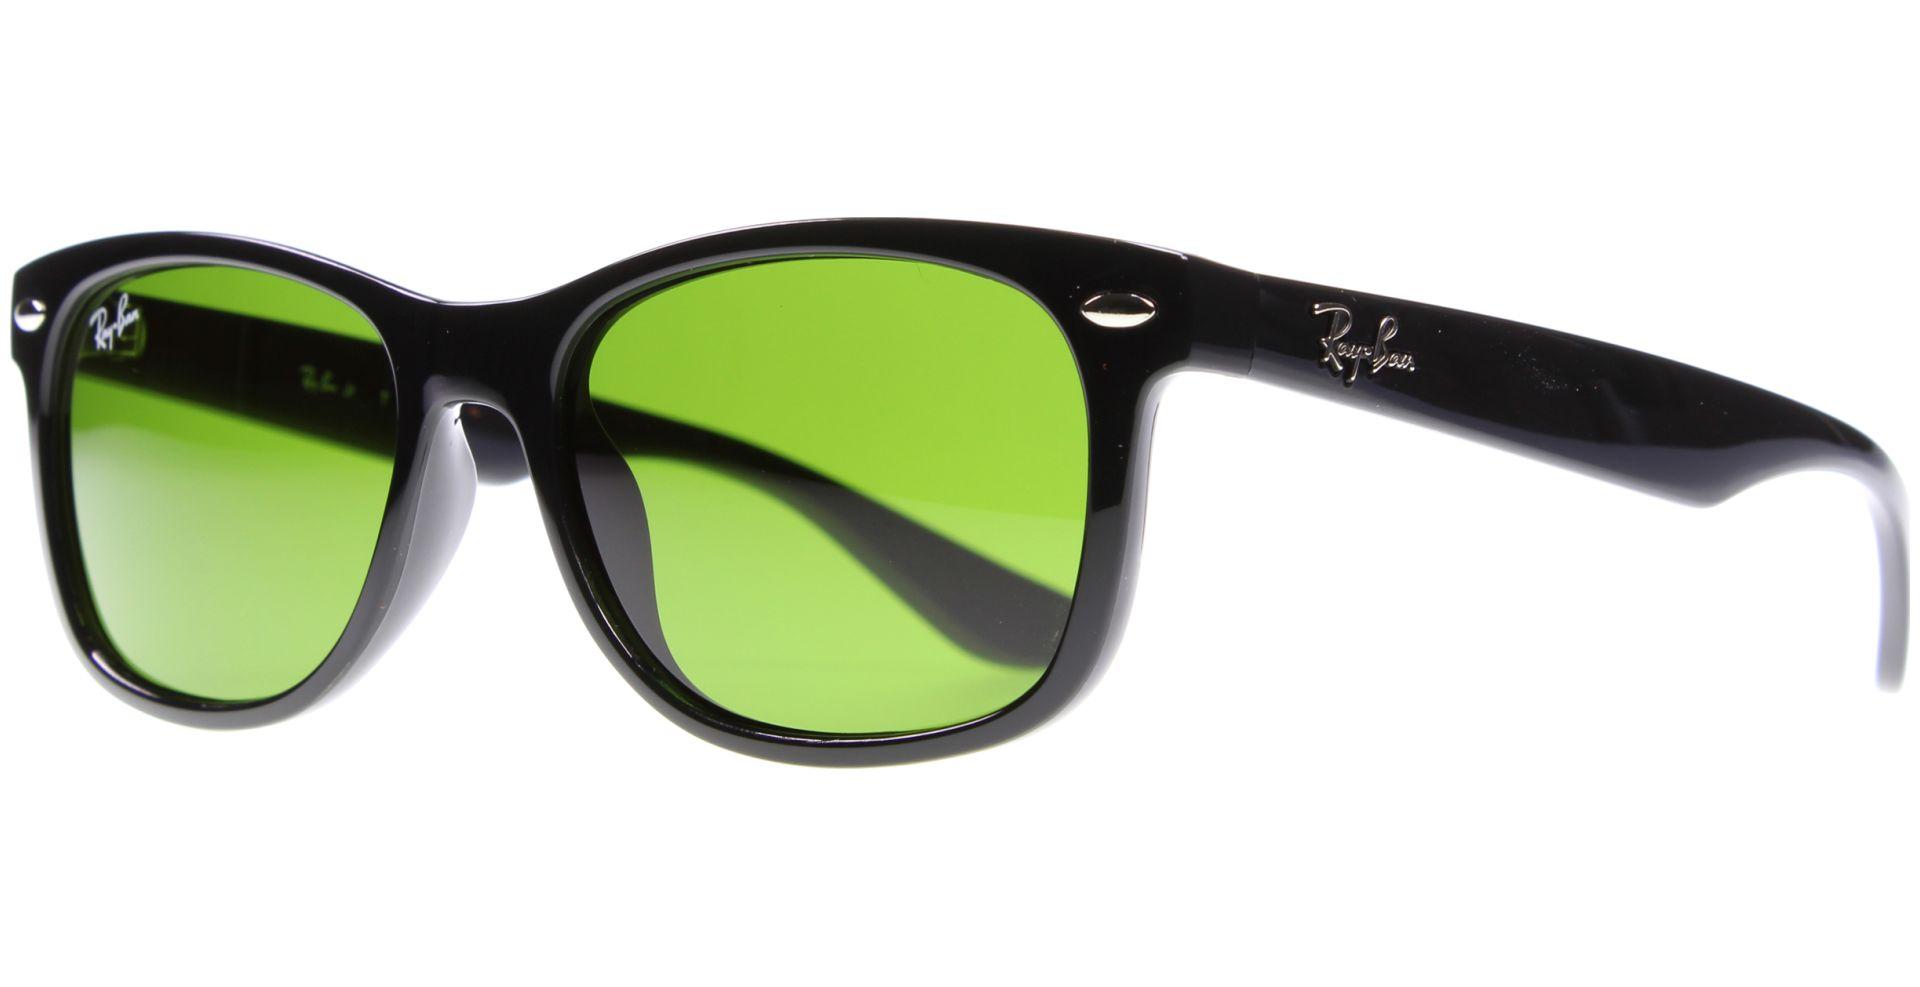 Ray-Ban - Junior New Wayfarer 9052S 100/2 4715 Black - von Lensbest